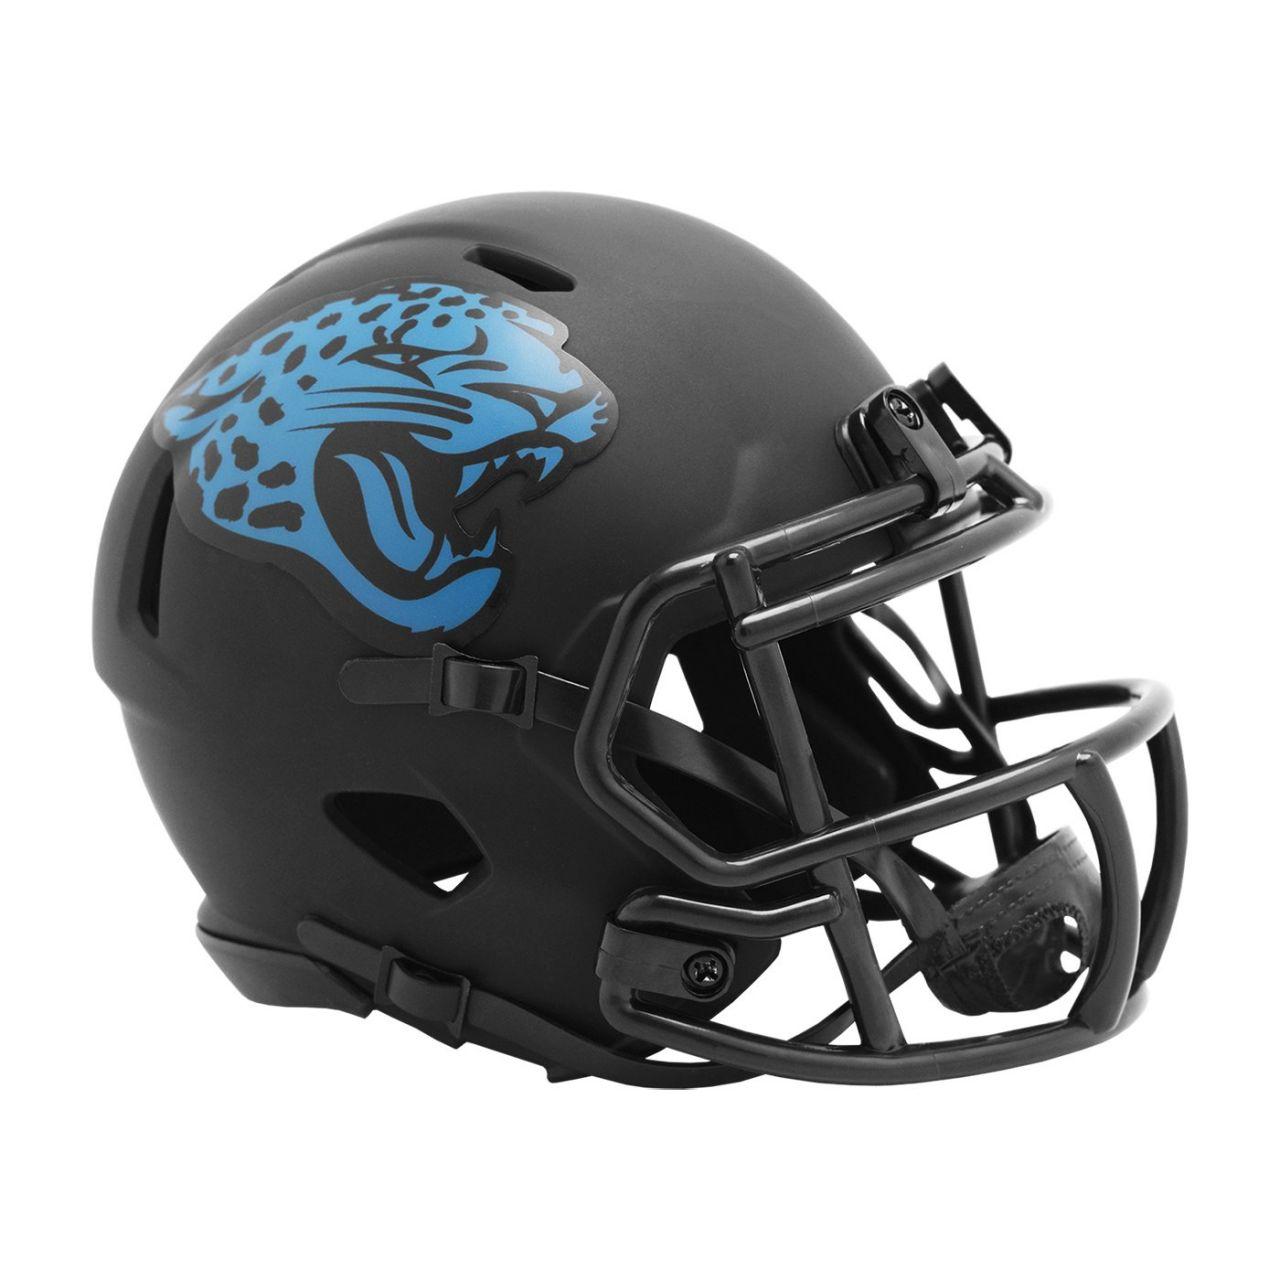 amfoo - Riddell Speed Mini Football Helm ECLIPS Jacksonville Jaguars